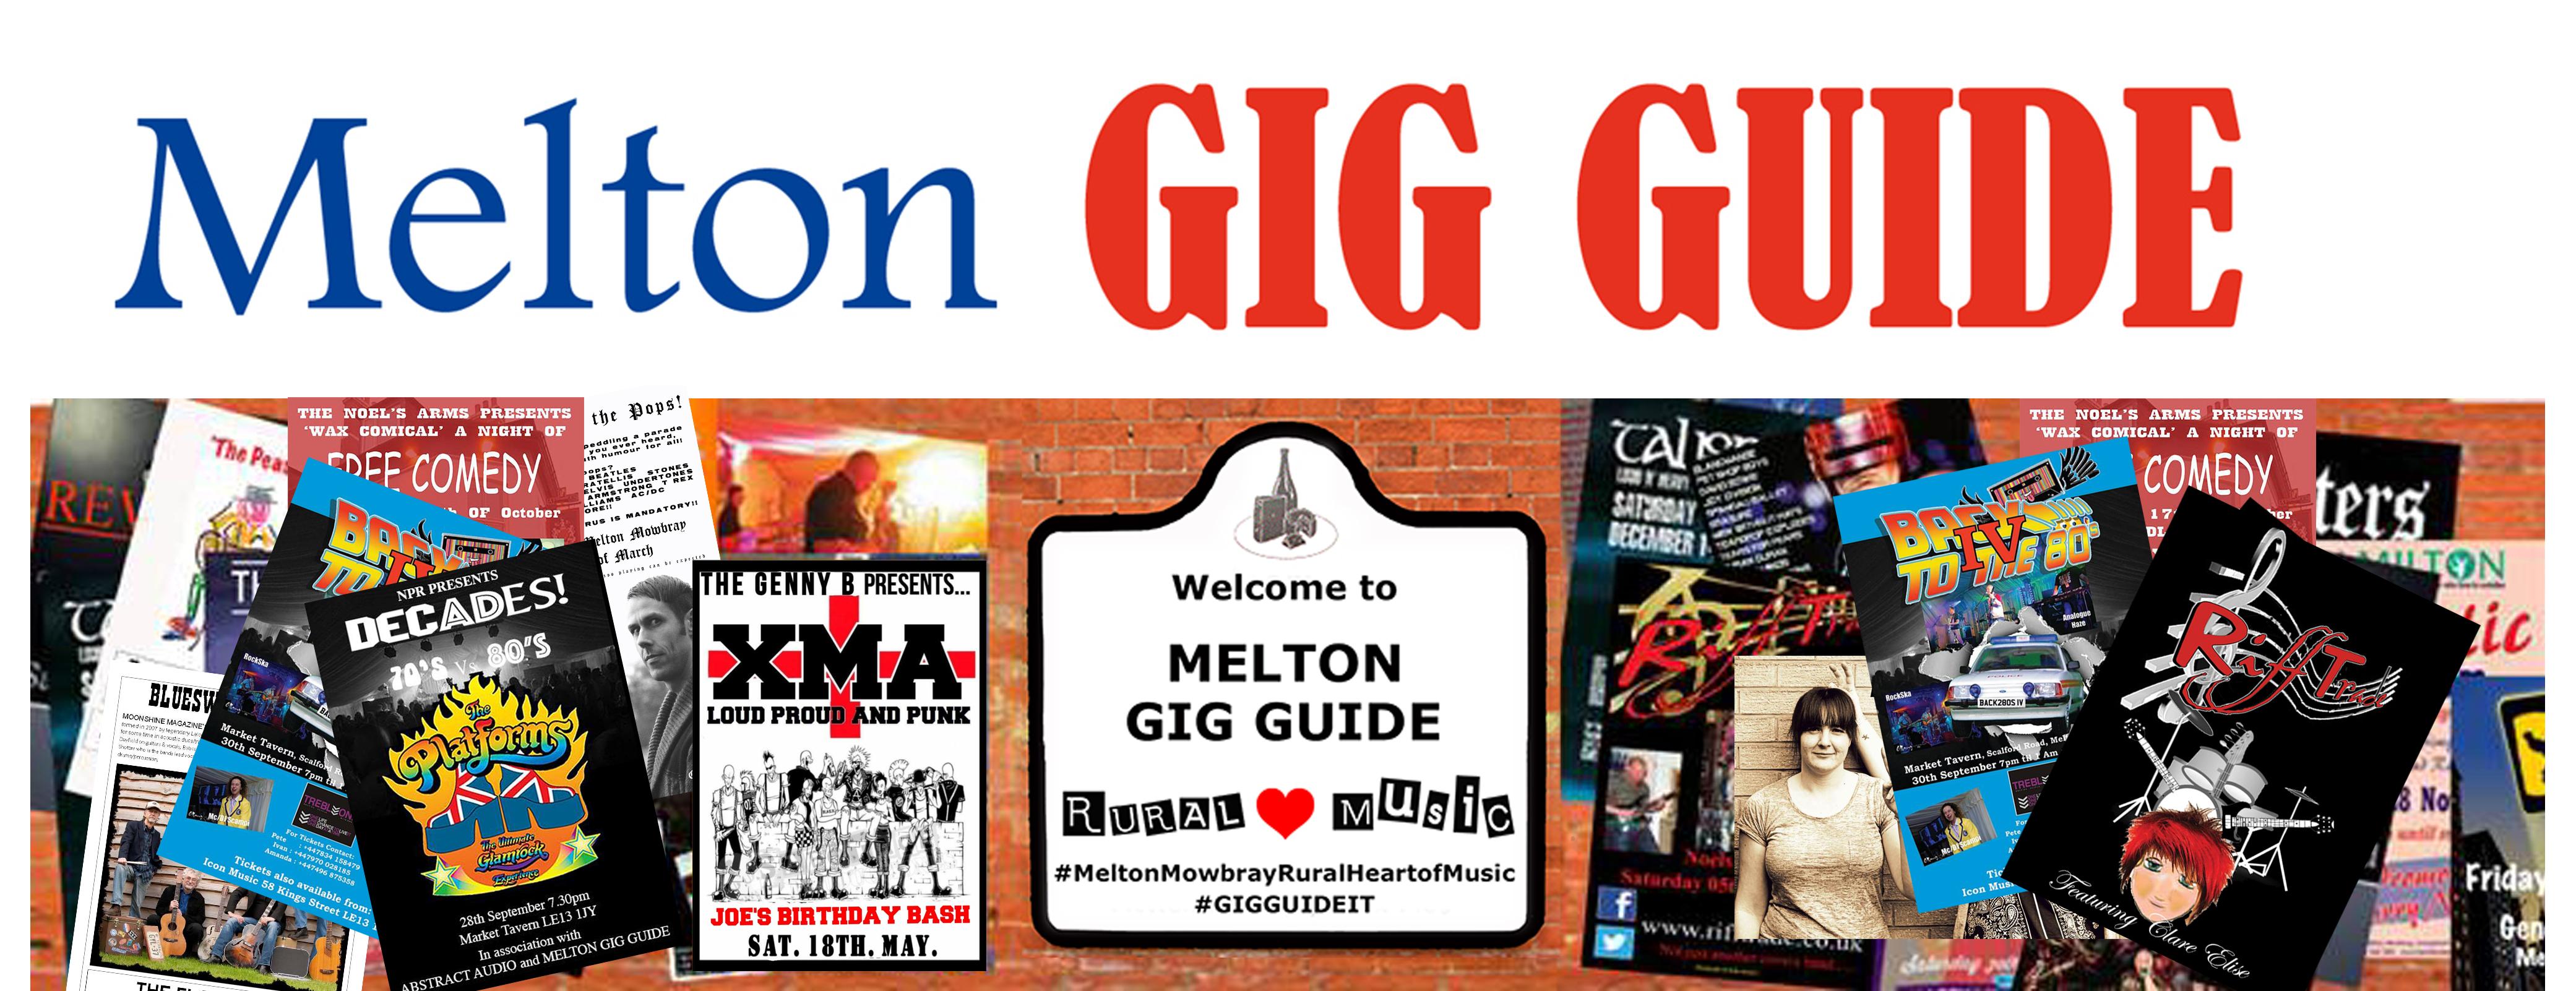 Melton Gig Guide Banner 2019